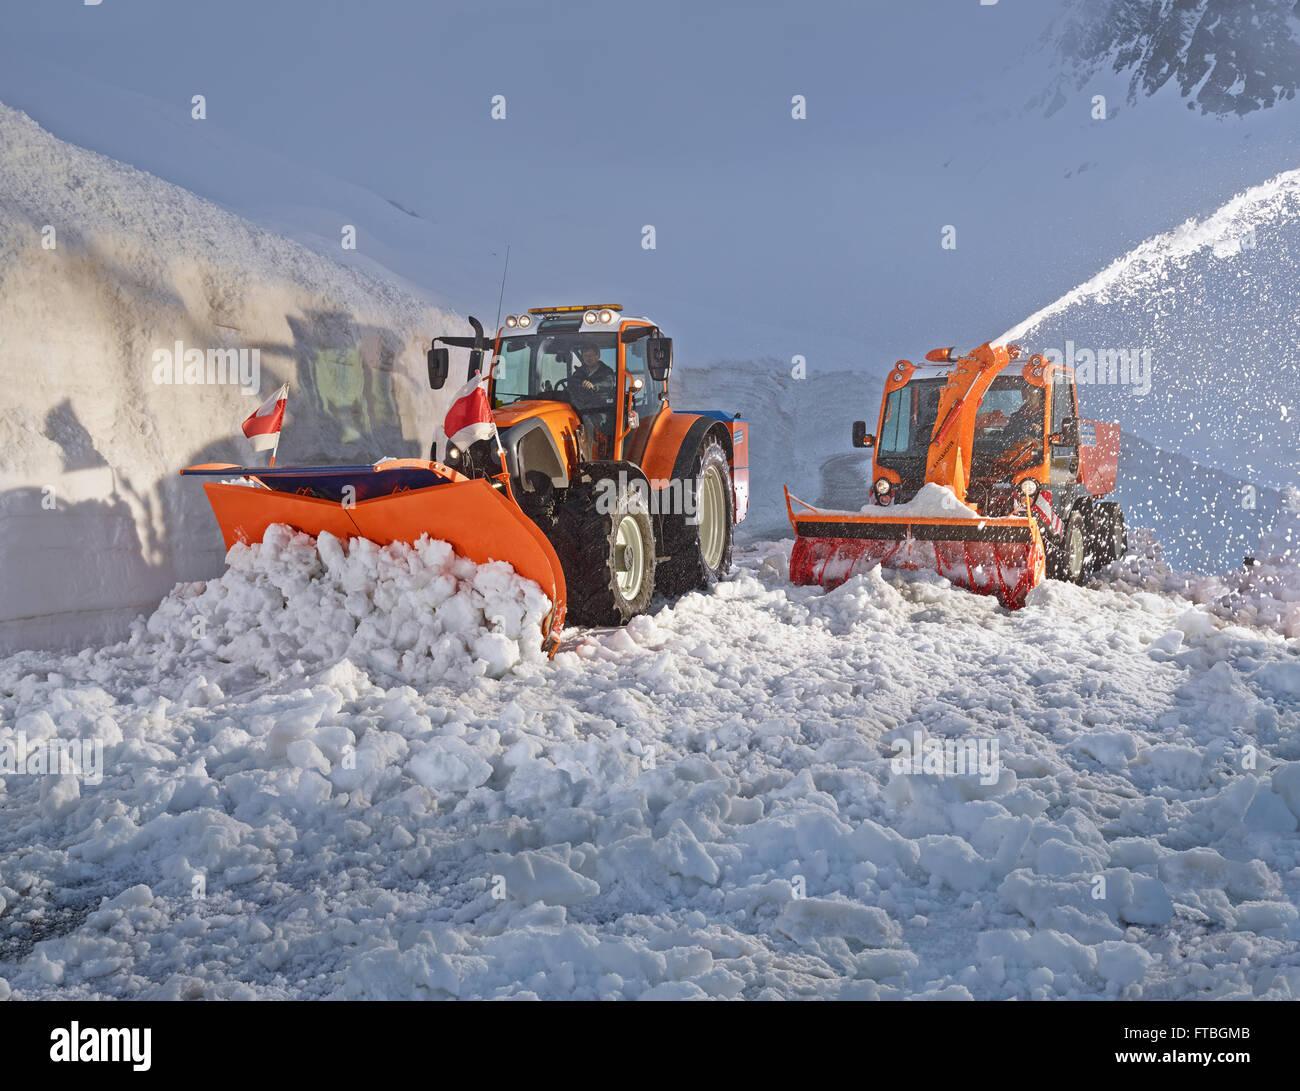 Cxserie 3punkt Schneefräse Traktor Schneefräse: Schneepflug Und Traktor Entfernen Von Schnee, Winterdienst